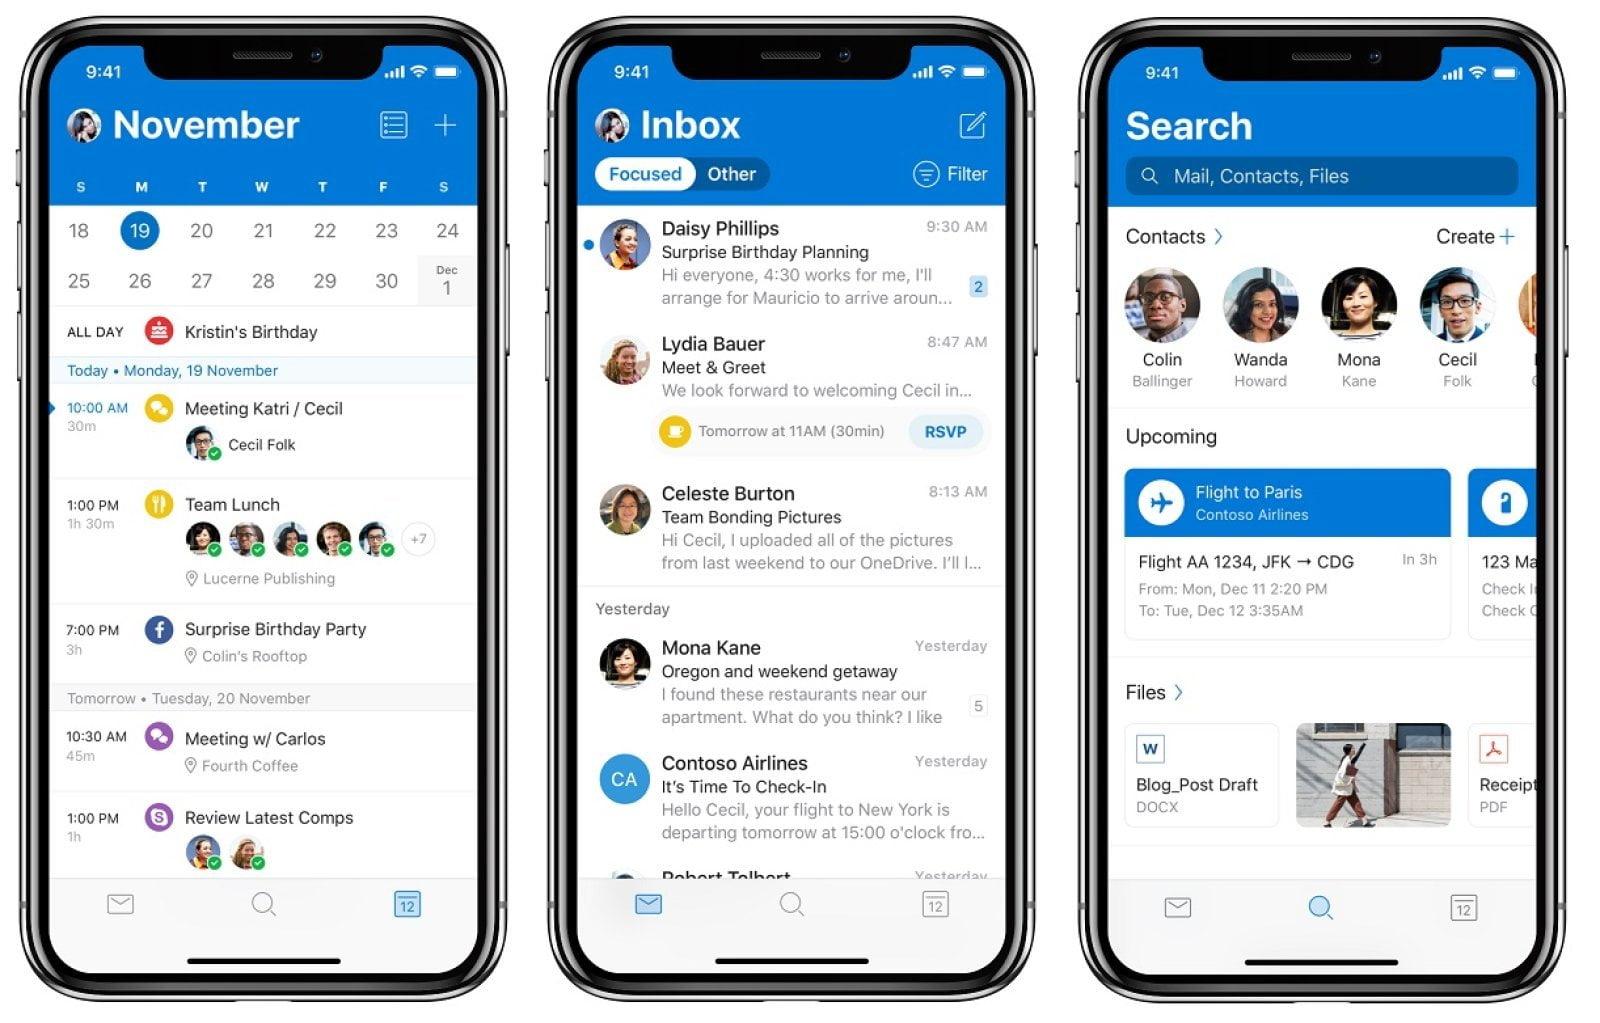 Nueva interfaz de Outlook en iOS